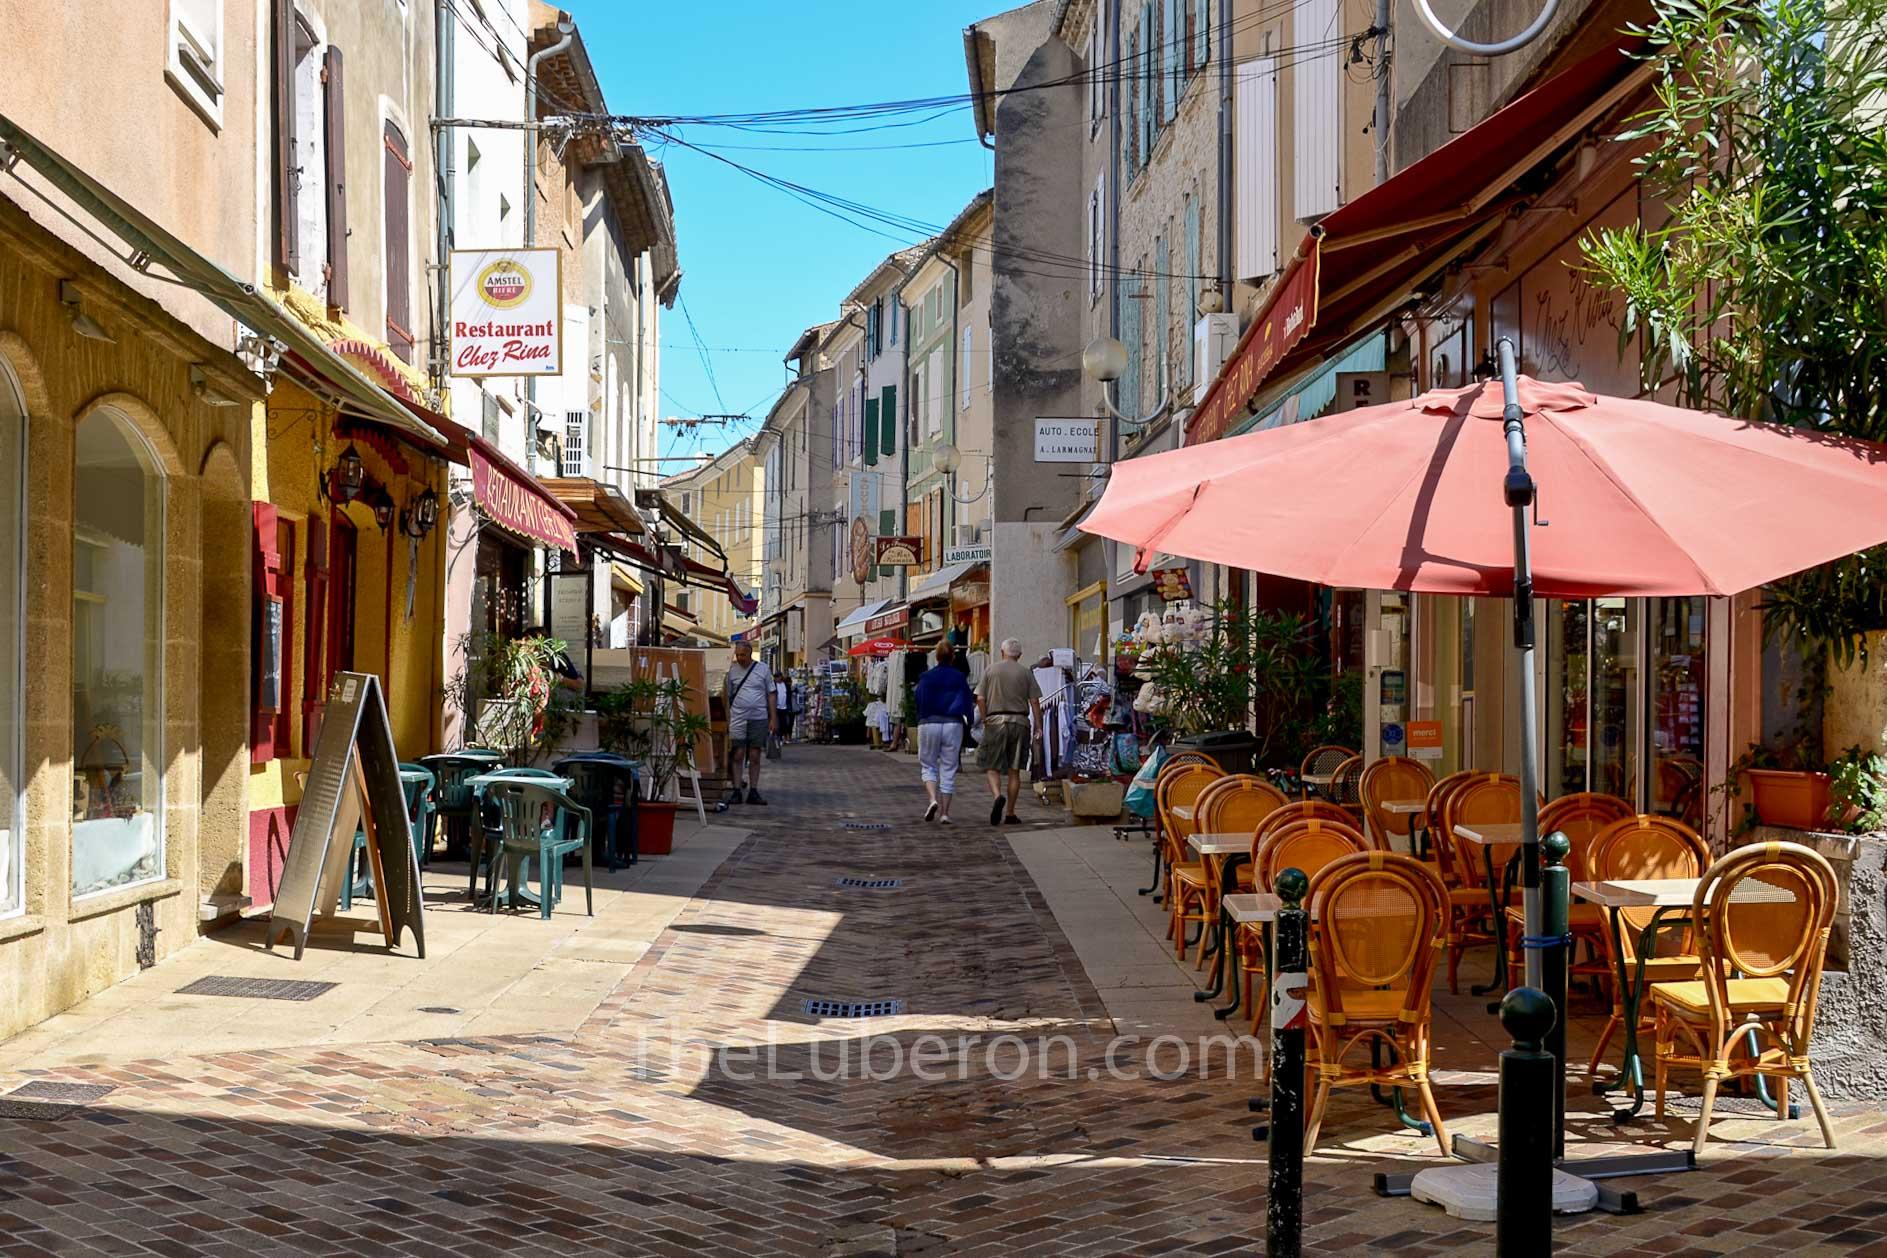 Street scene at Vaison-la-Romaine